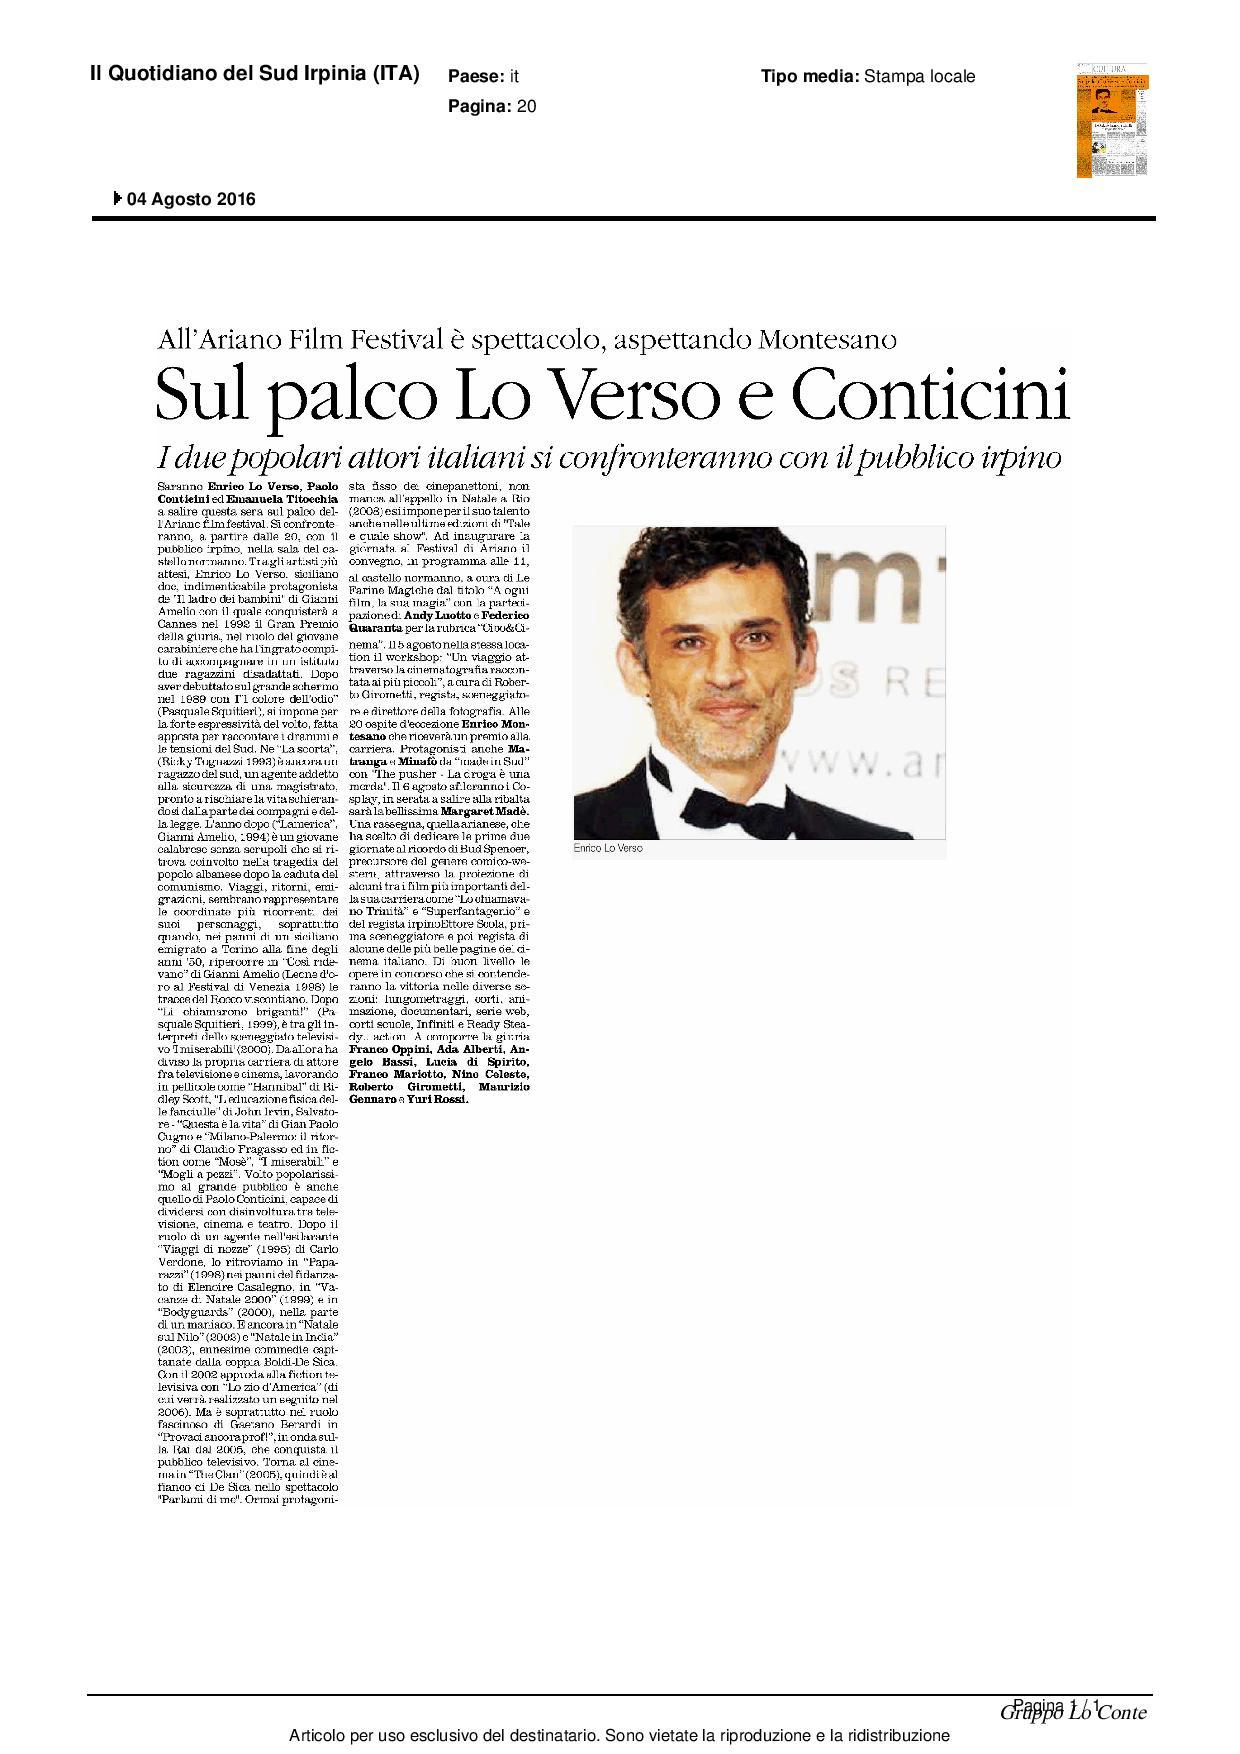 040816_IlQuotidianodelSudIrpinia-page-001